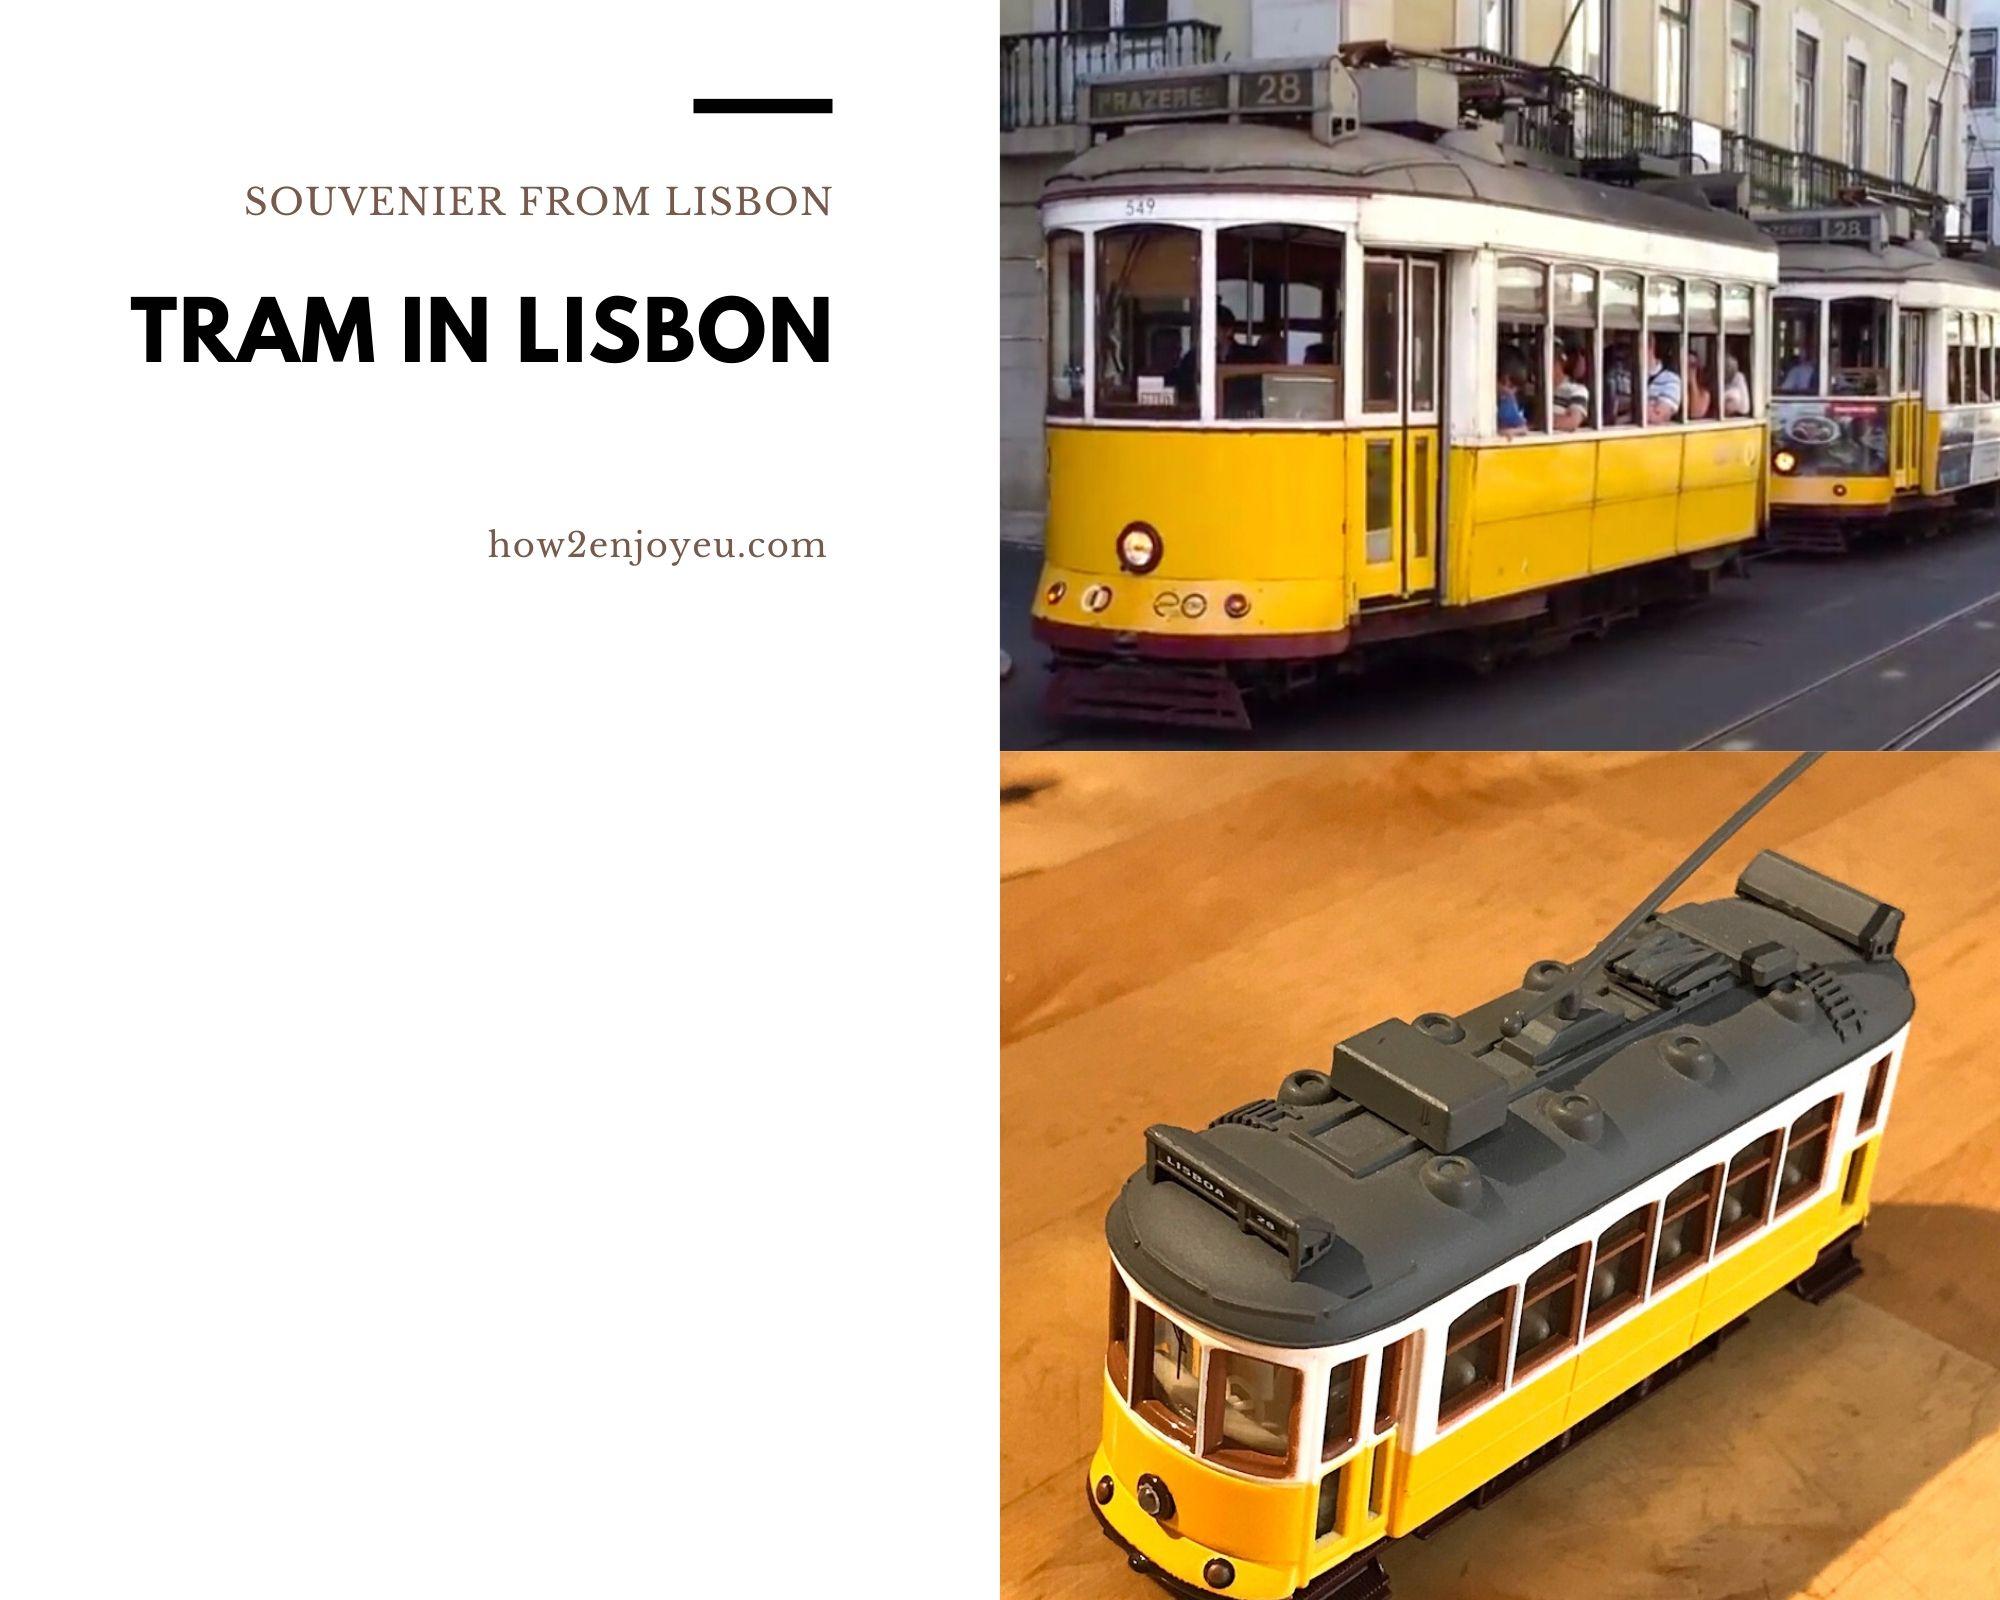 ポルトガル、リスボンで子供が選んだお土産はトラム、しかも大好きな28番トラム!